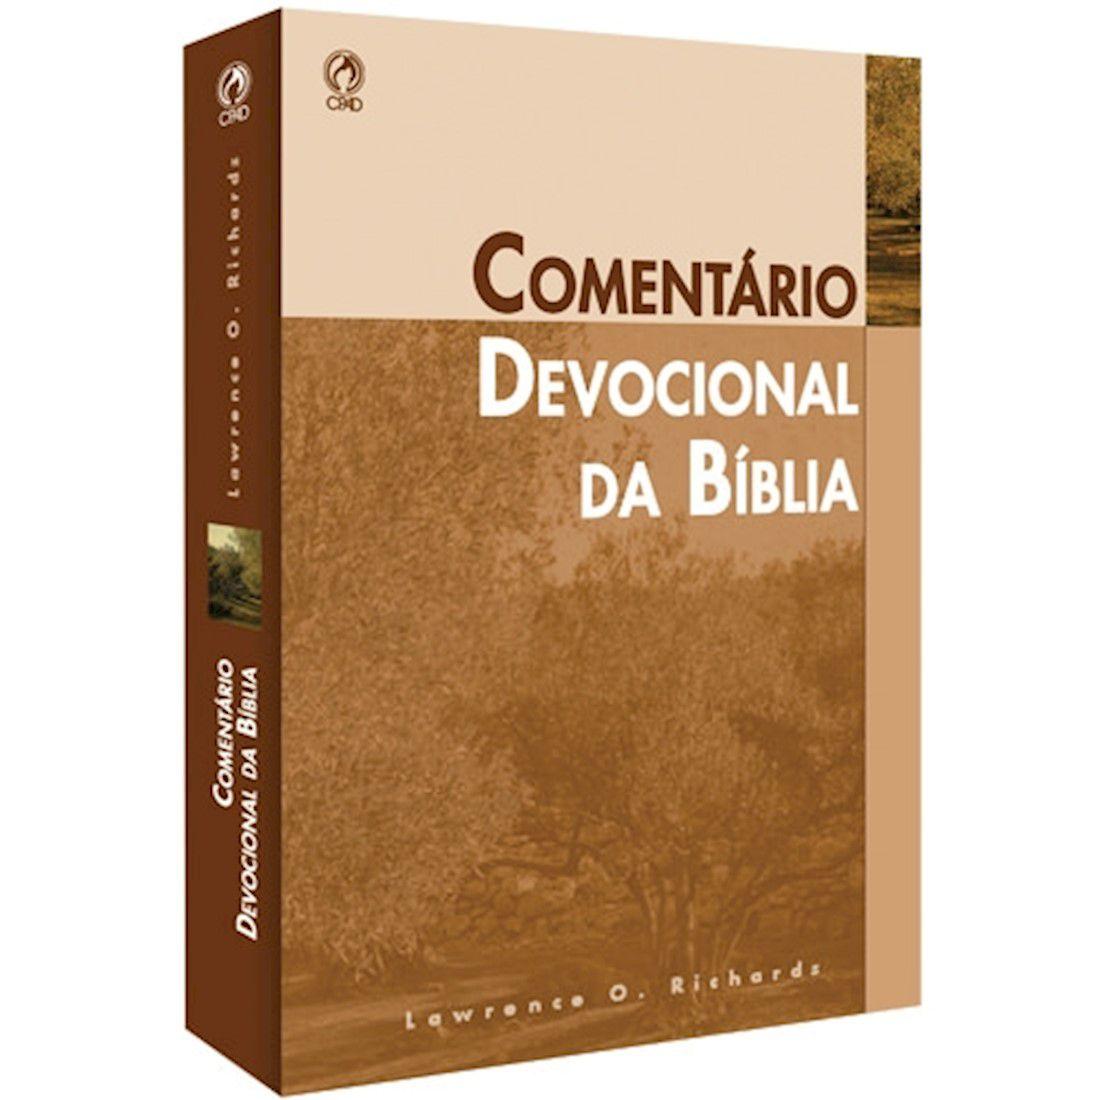 Livro Comentário Devocional da Bíblia